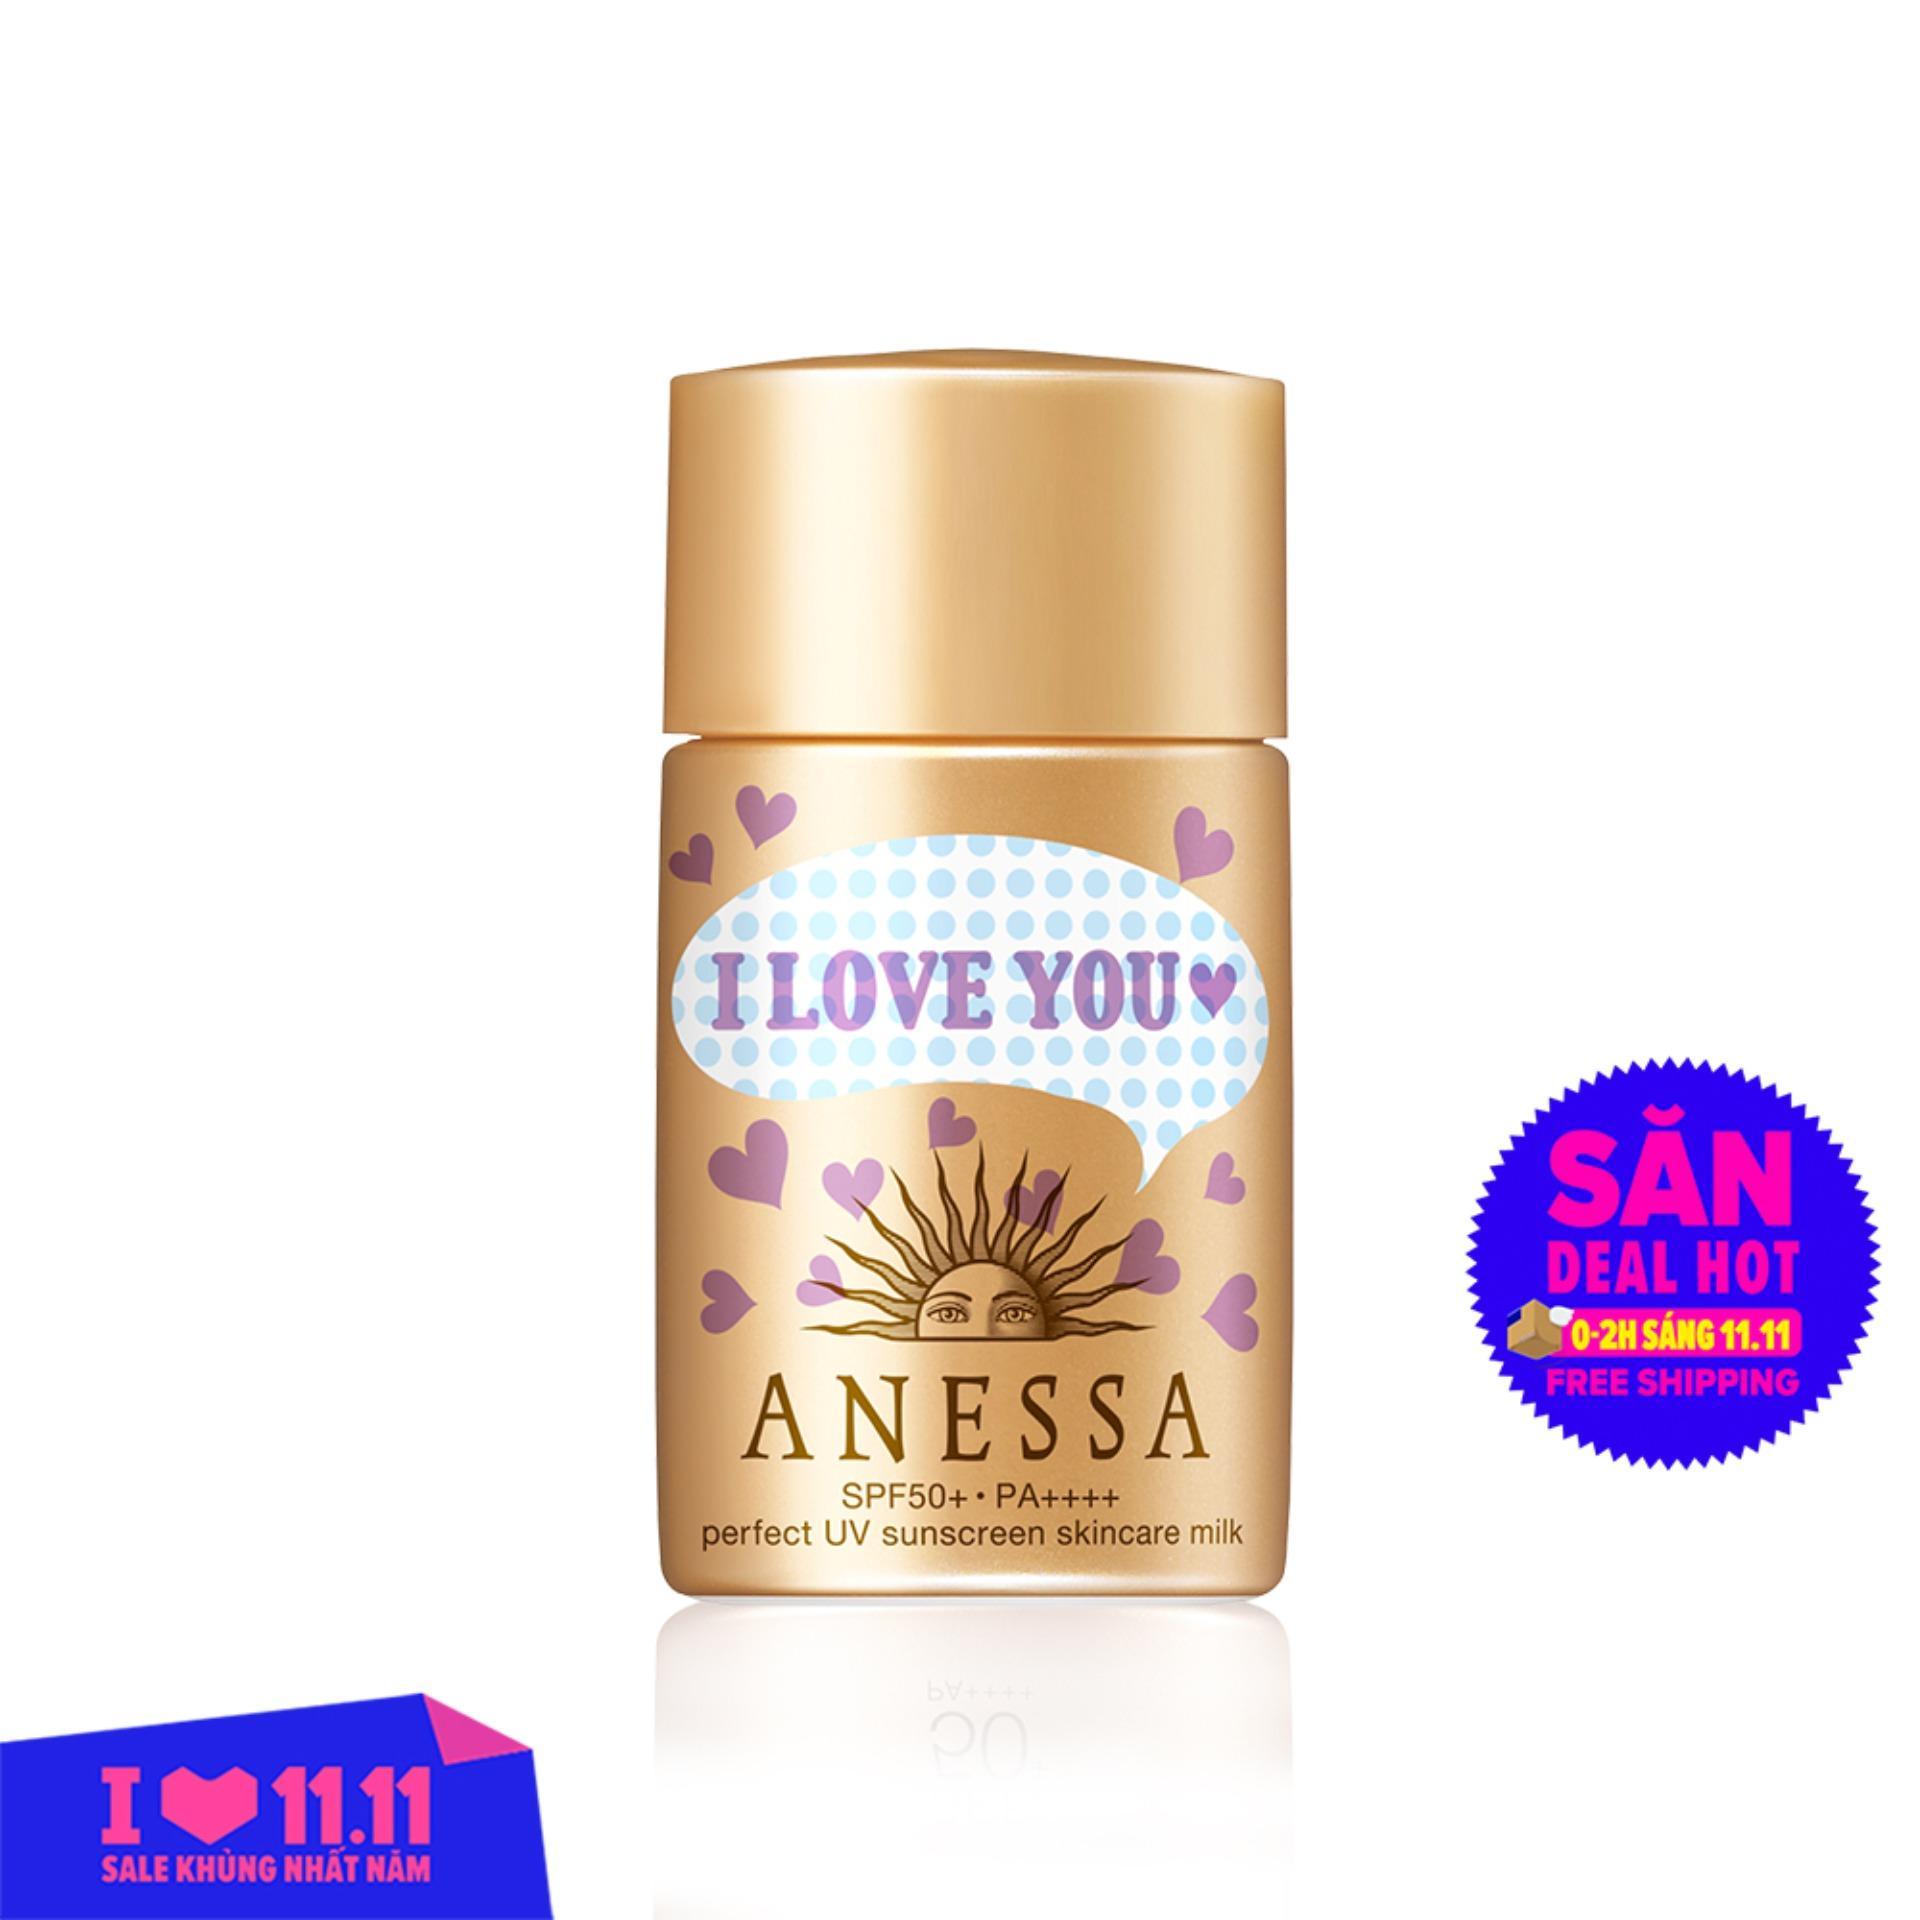 Kem chống nắng dưỡng da dạng sữa bảo vệ hoàn hảo Anessa Perfect UV Sunscreen Skincare Milk 20ml [Phiên bản giới hạn] tốt nhất